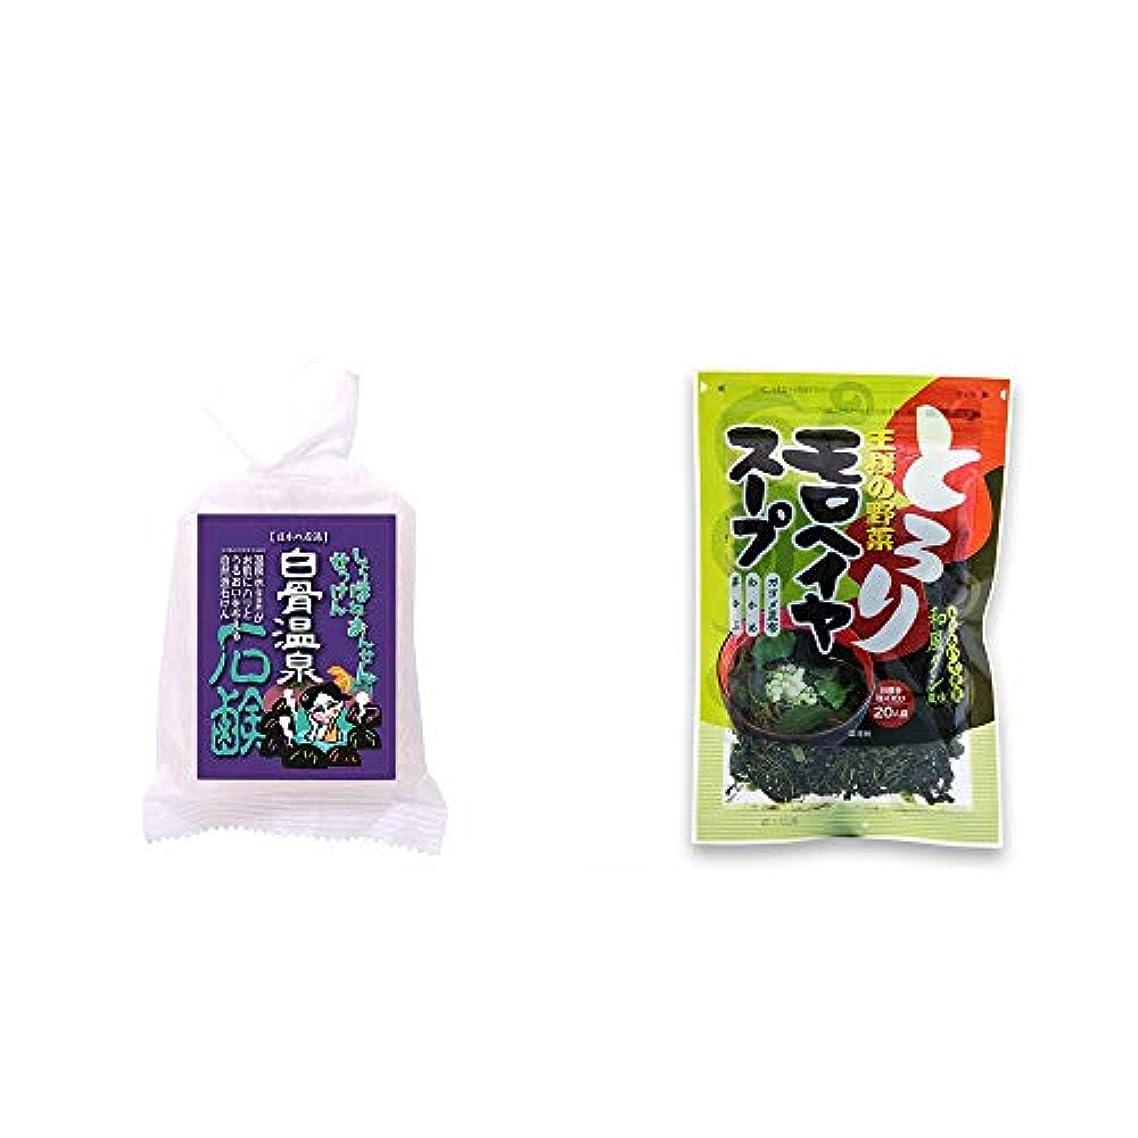 [2点セット] 信州 白骨温泉石鹸(80g)?王様の野菜 モロヘイヤスープ(80g)